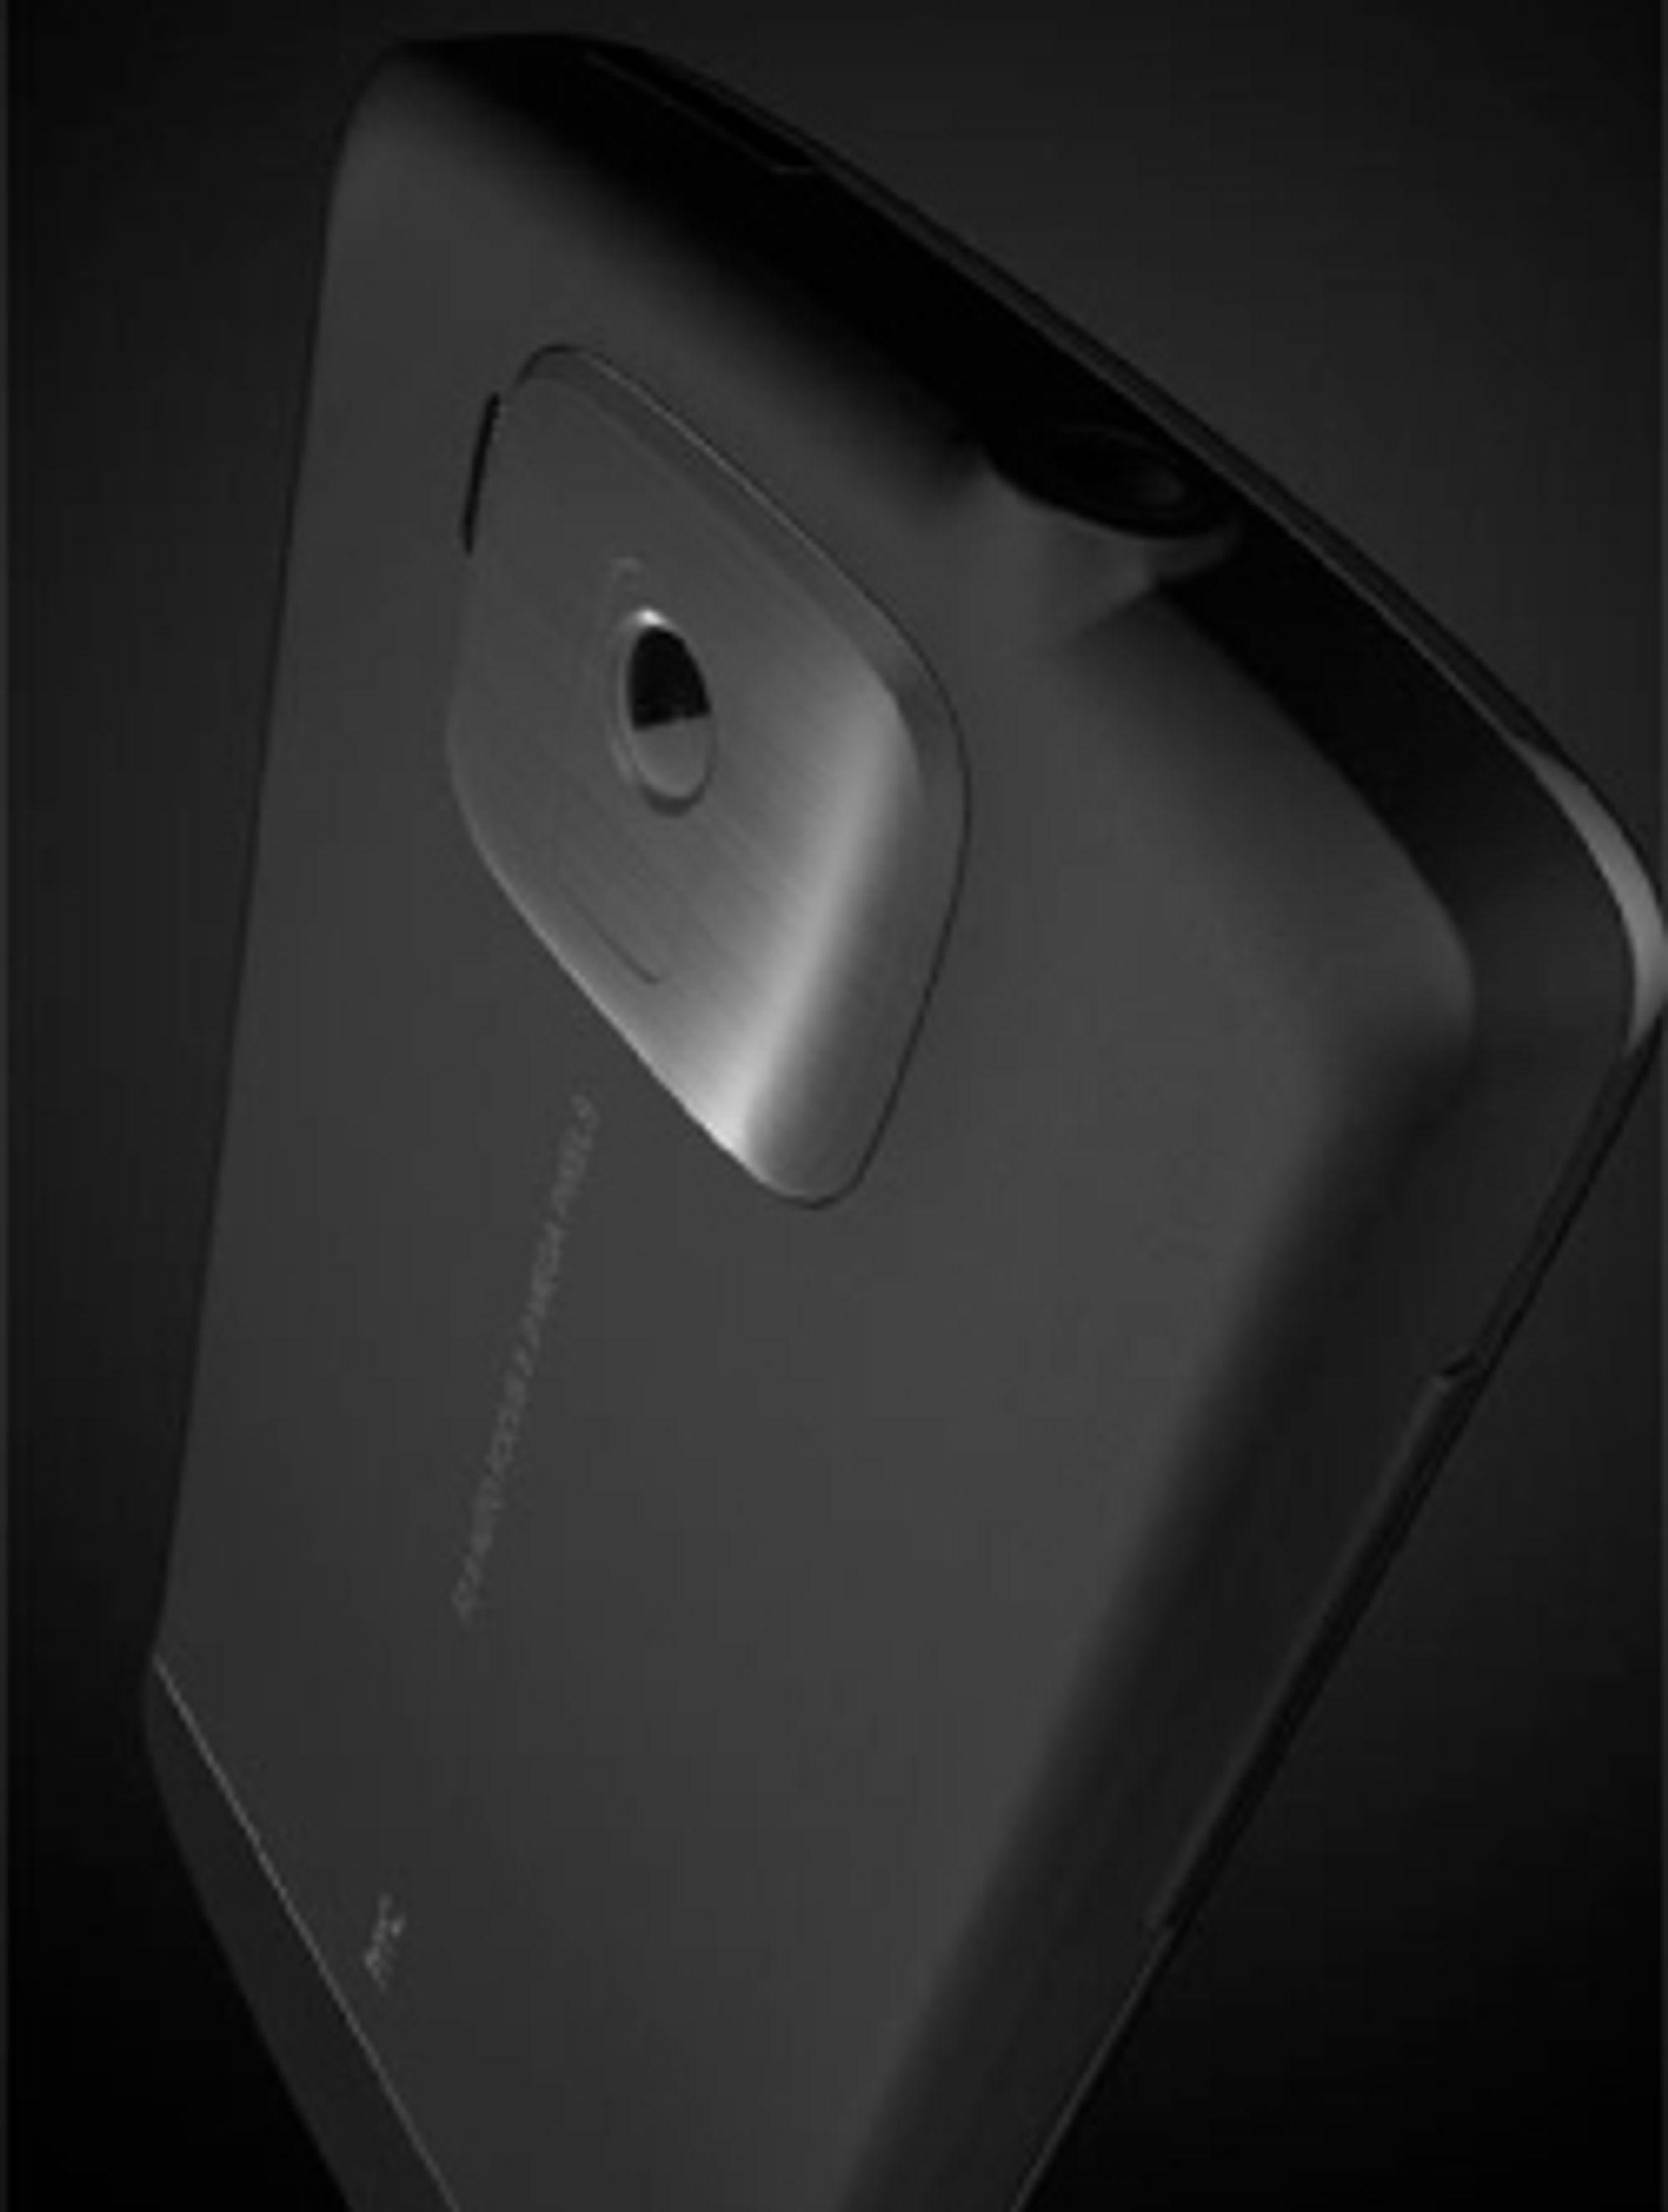 Kameraet tar bilder i fem megapikslers oppløsning.